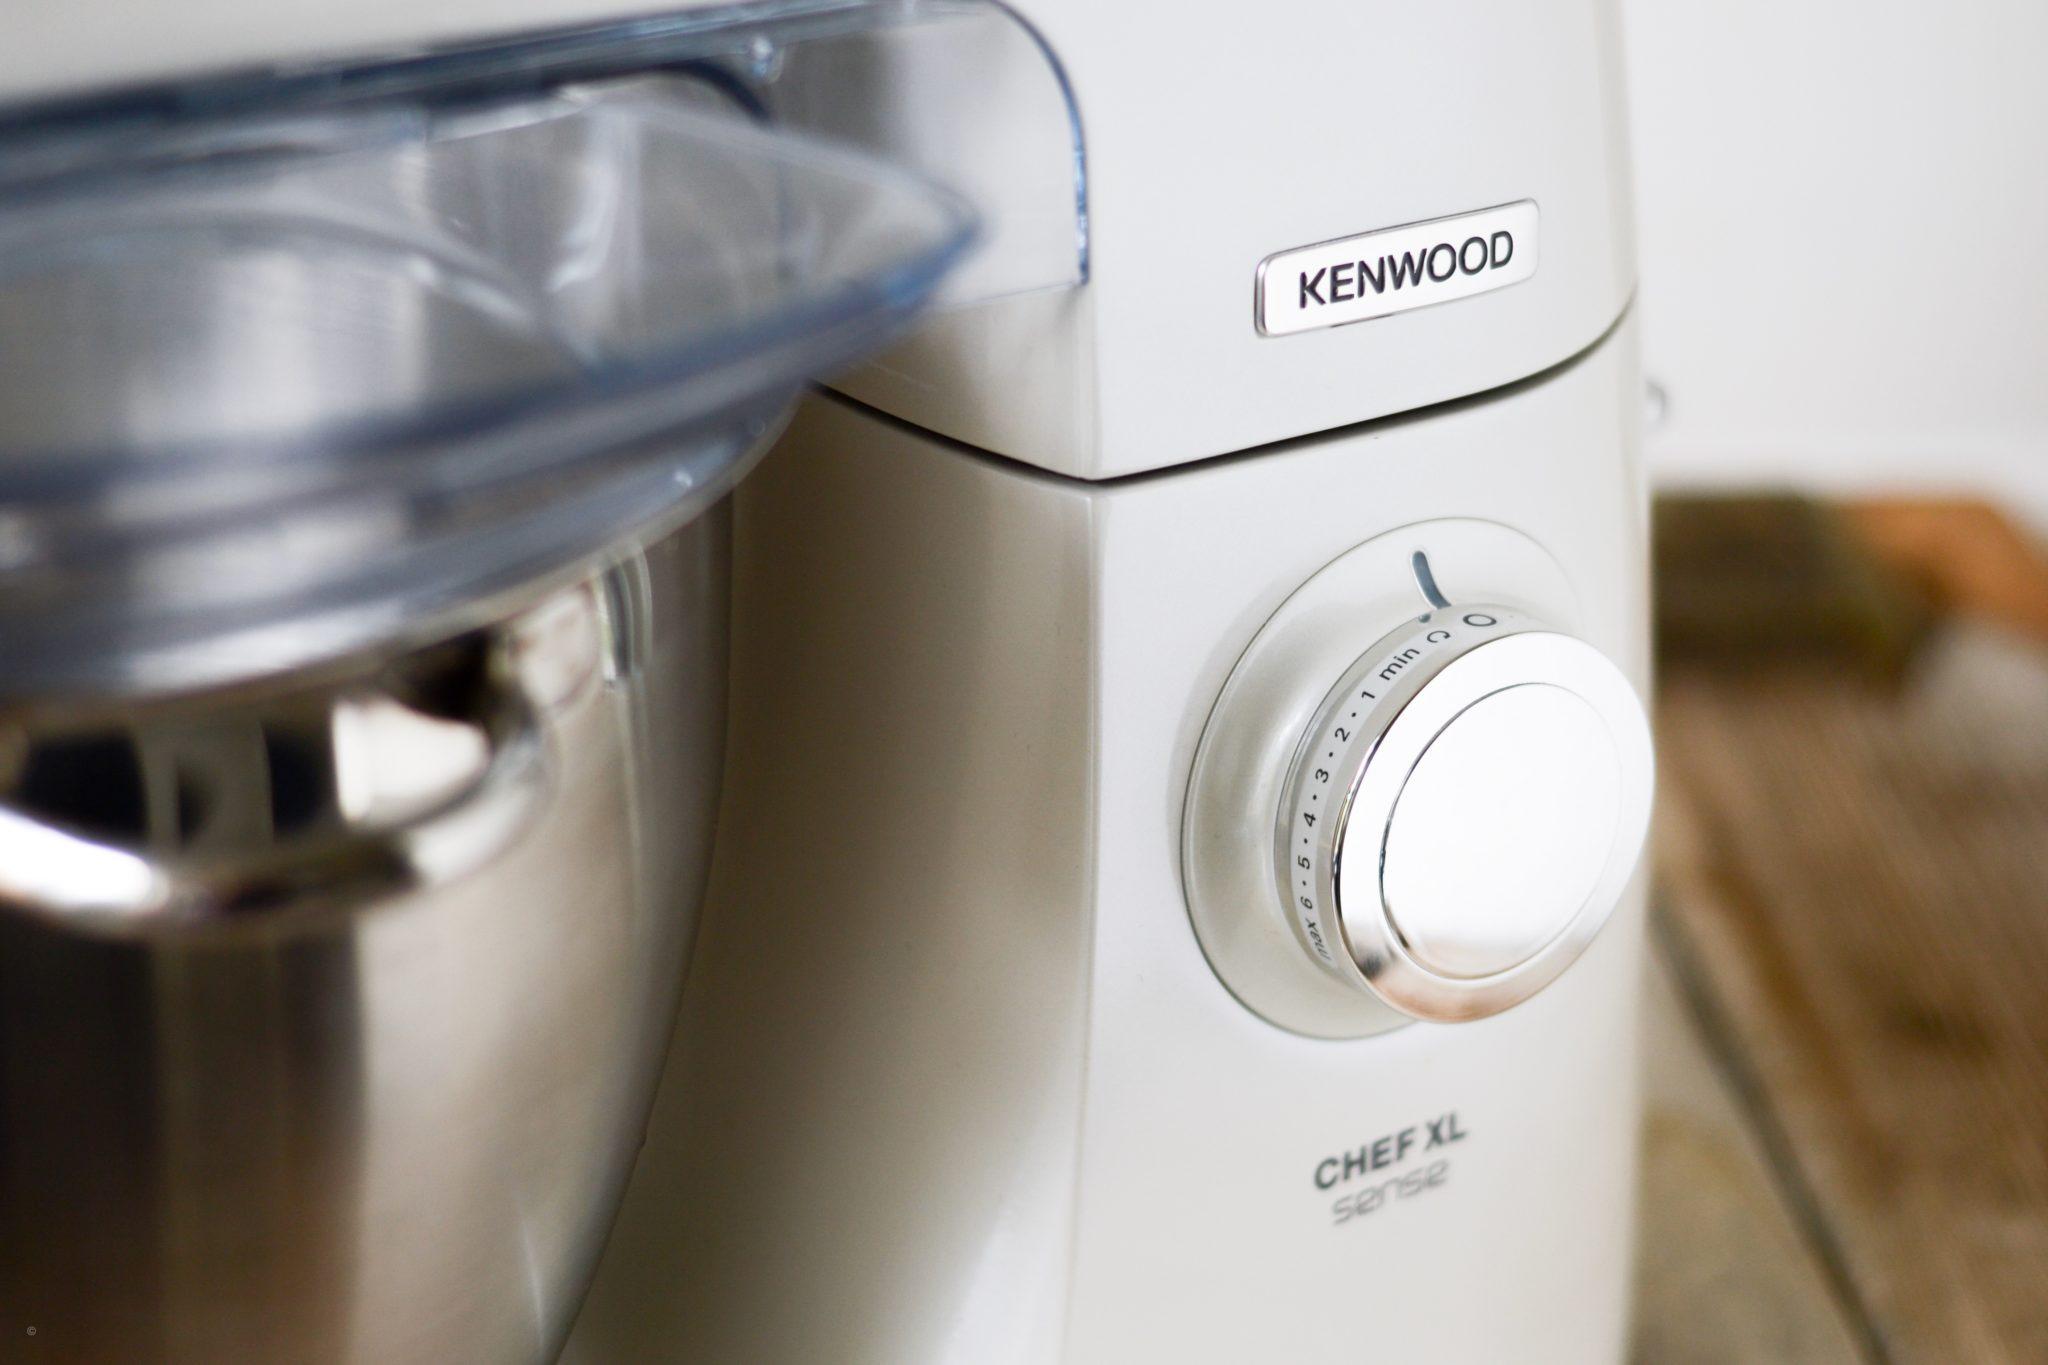 Kenwood-Chef-Sense-XL-Special Edition-anmeldelse-9 røremaskine